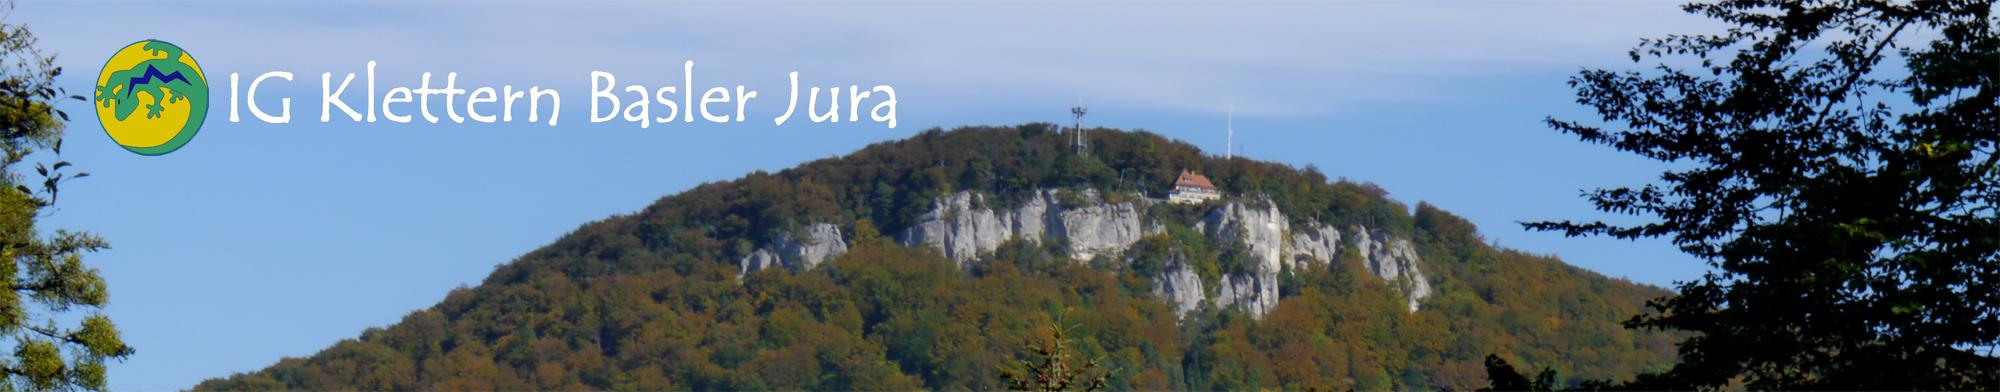 IG Klettern Basler Jura